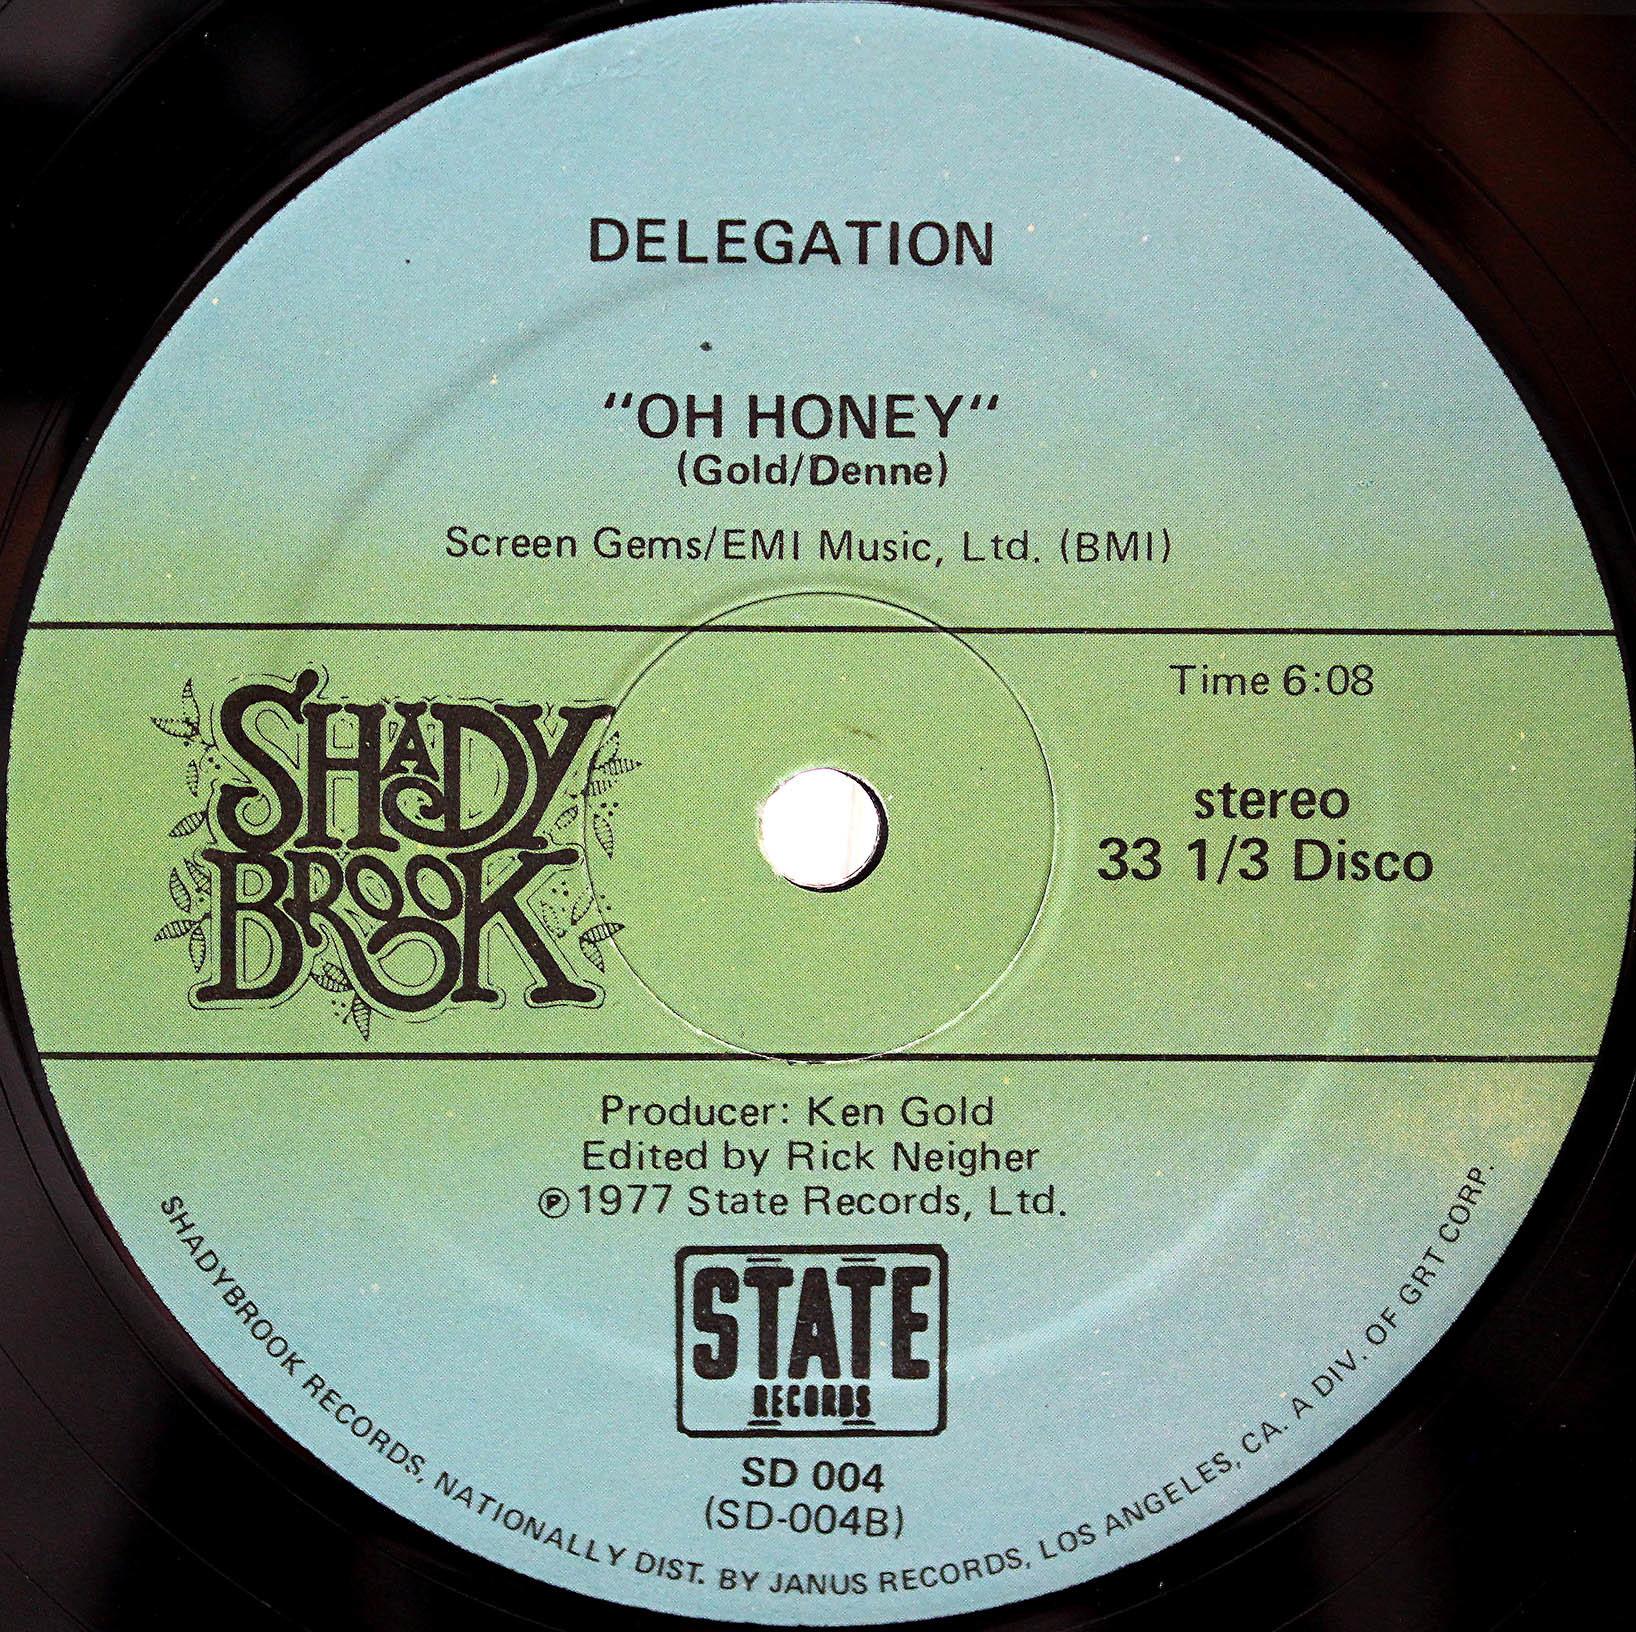 Delegation - Oh honey 02